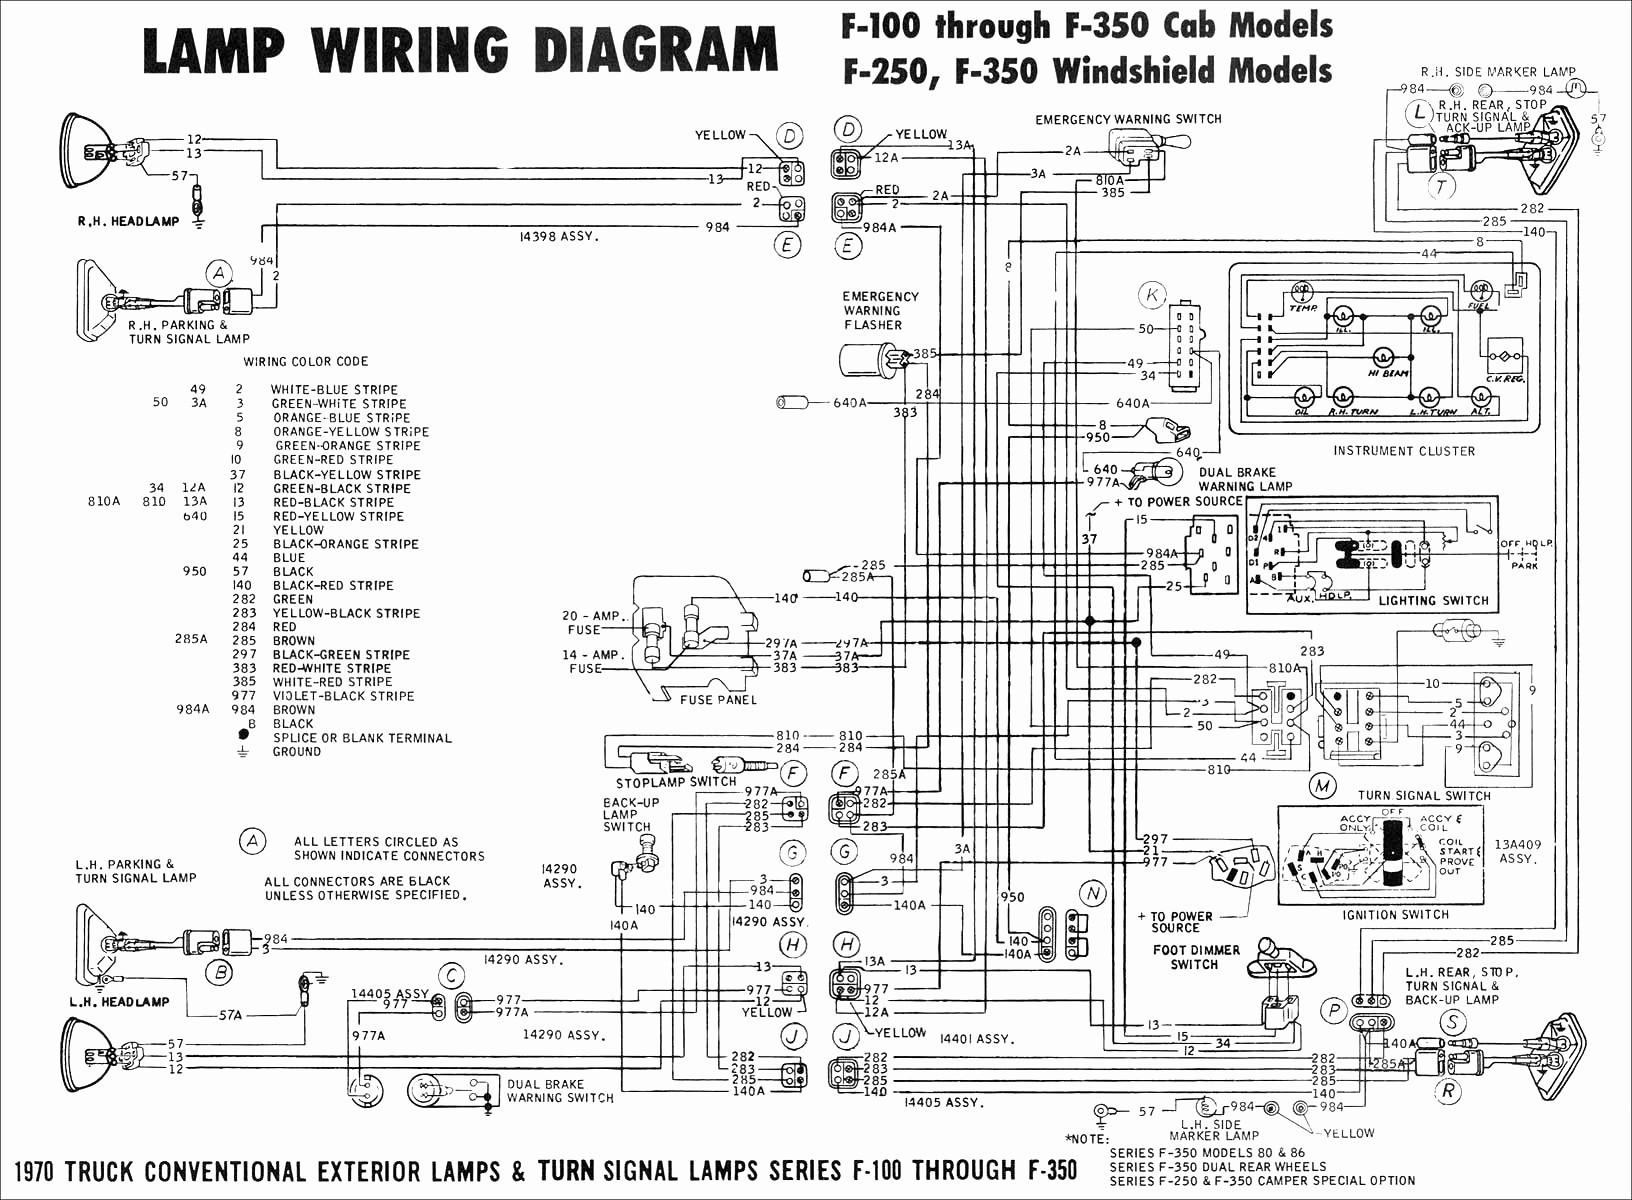 Car Spotlight Wiring Diagram Bmw M60 Engine Wiring Harness Diagram Likewise Bmw M60 Engine Of Car Spotlight Wiring Diagram